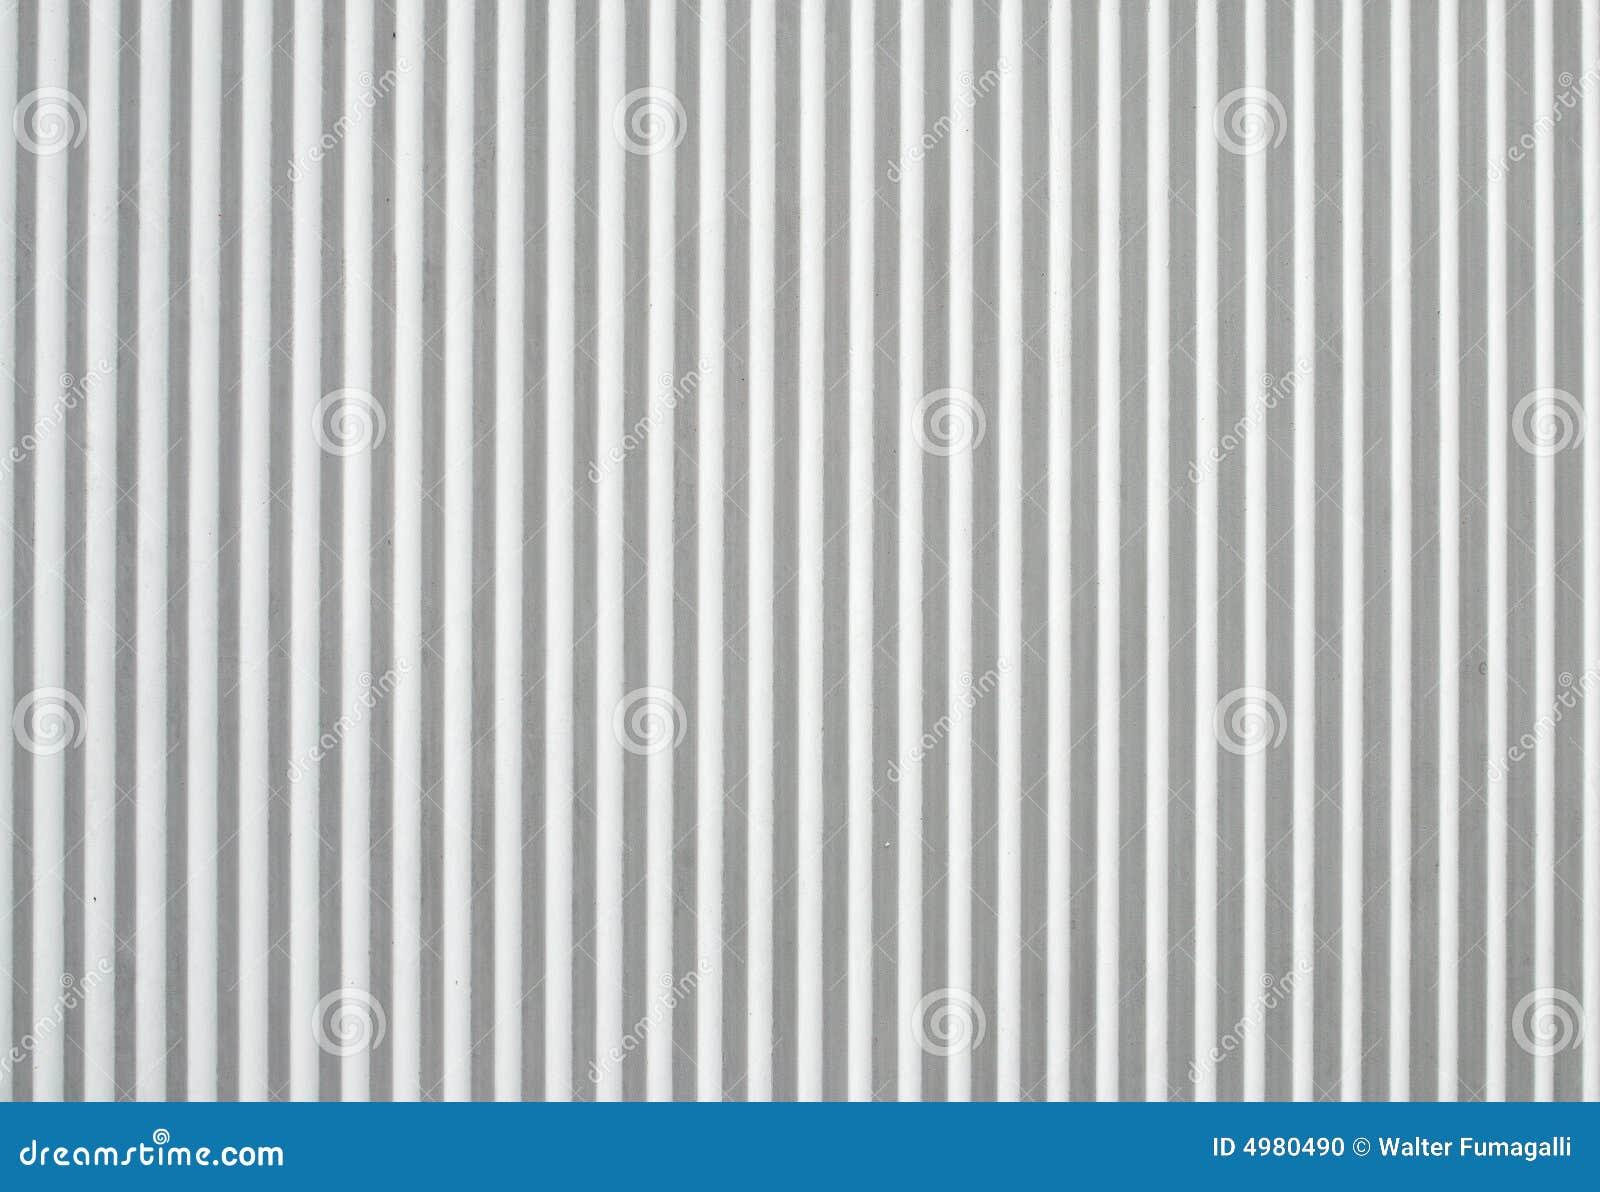 Rayas grises verticales foto de archivo imagen 4980490 - Papel pintado de rayas verticales ...